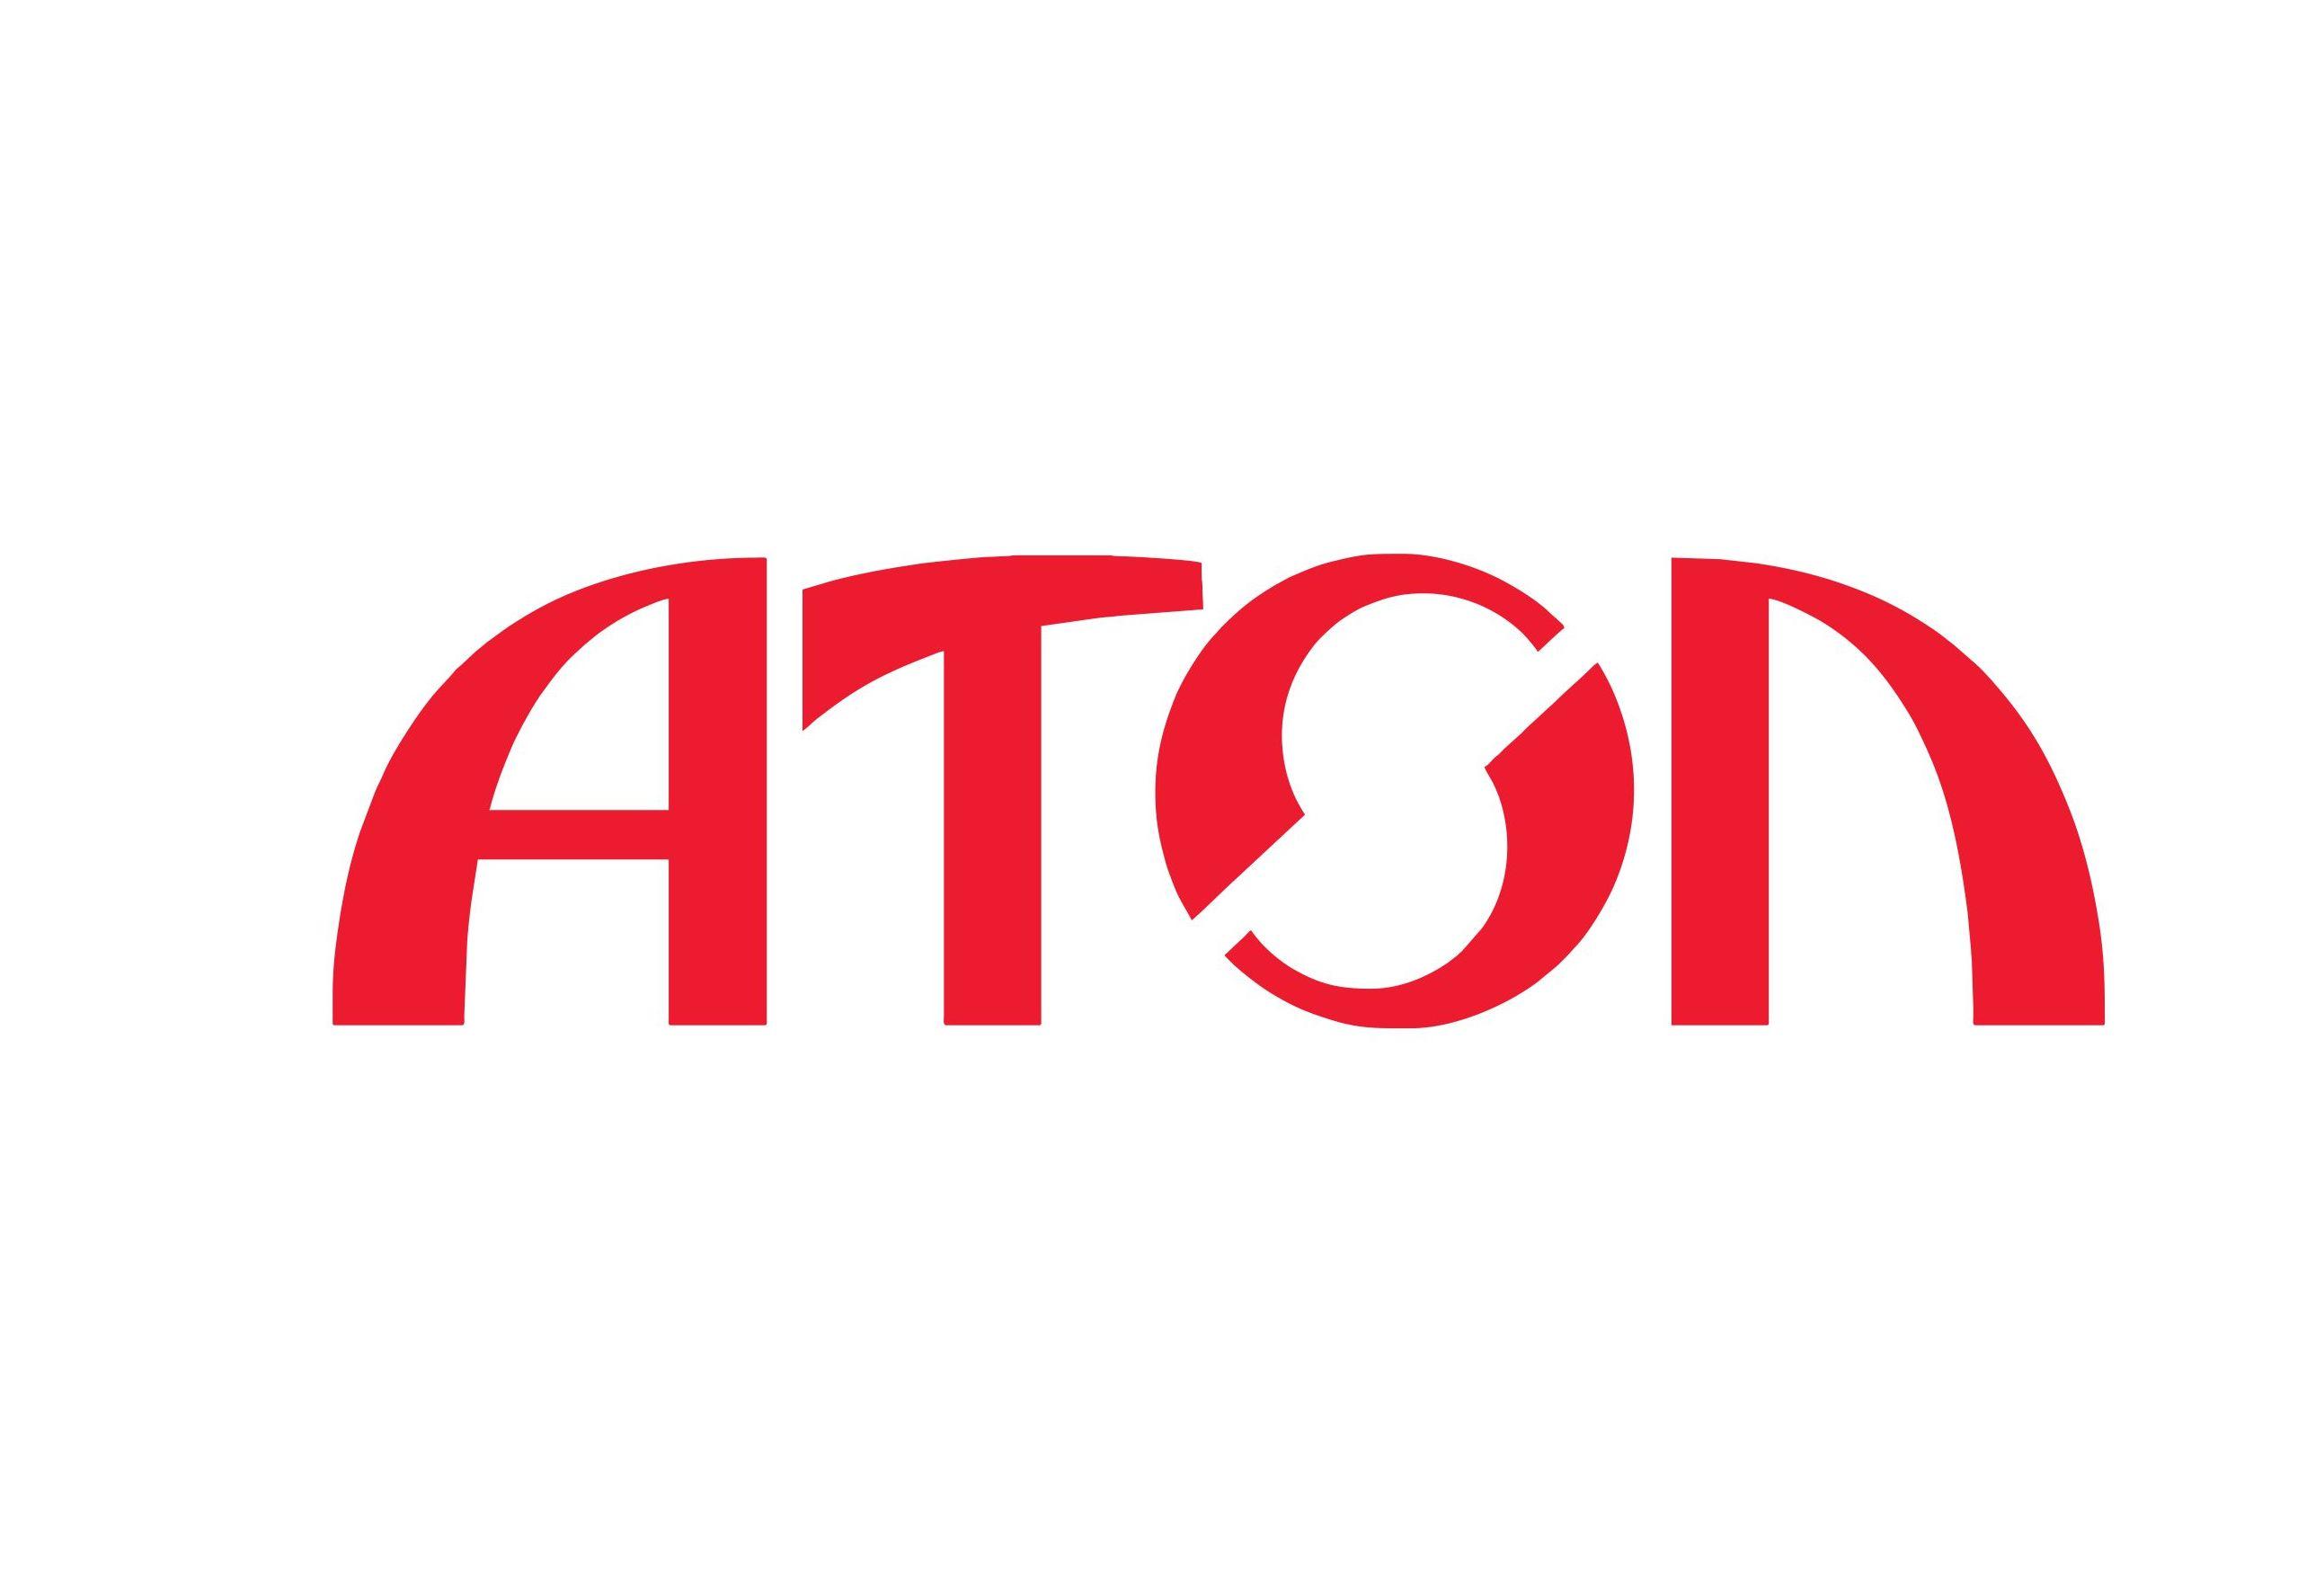 В реестр ККТ включены новые онлайн-кассы от компании АТОЛ